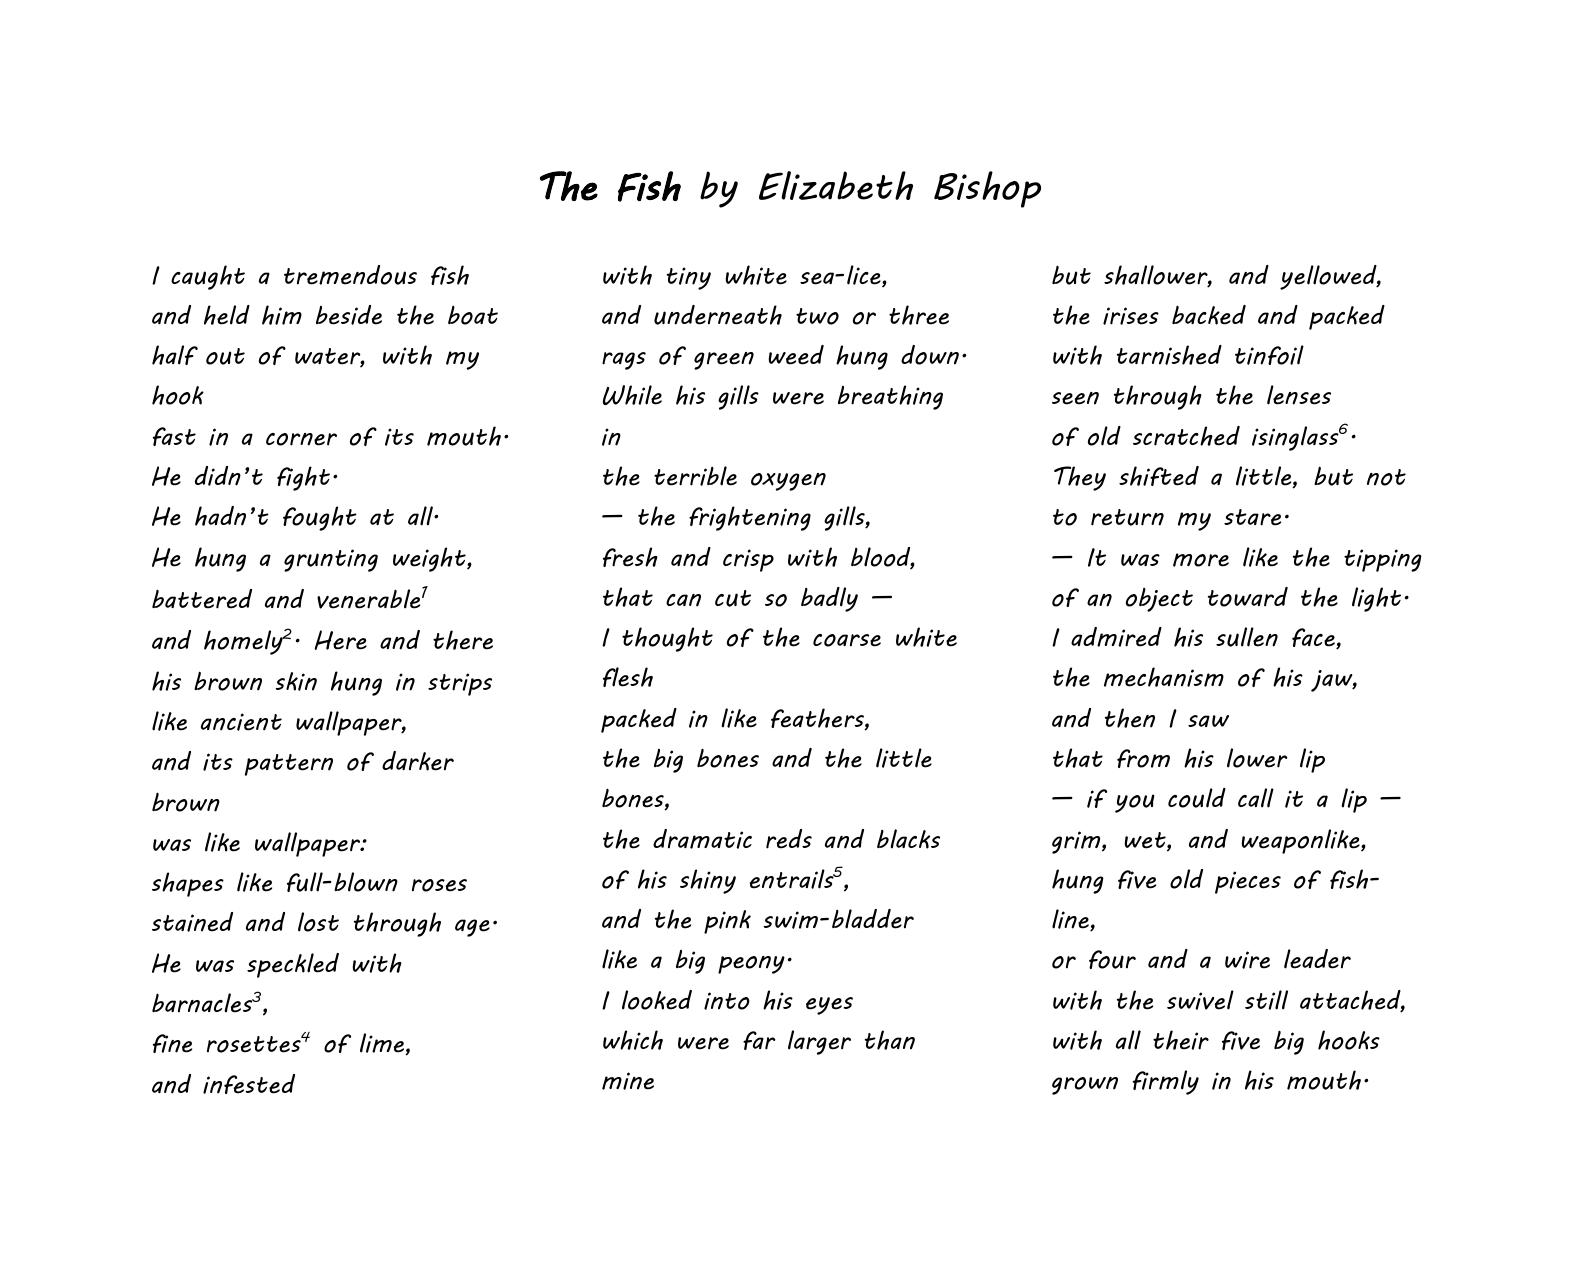 bishop the fish pdf